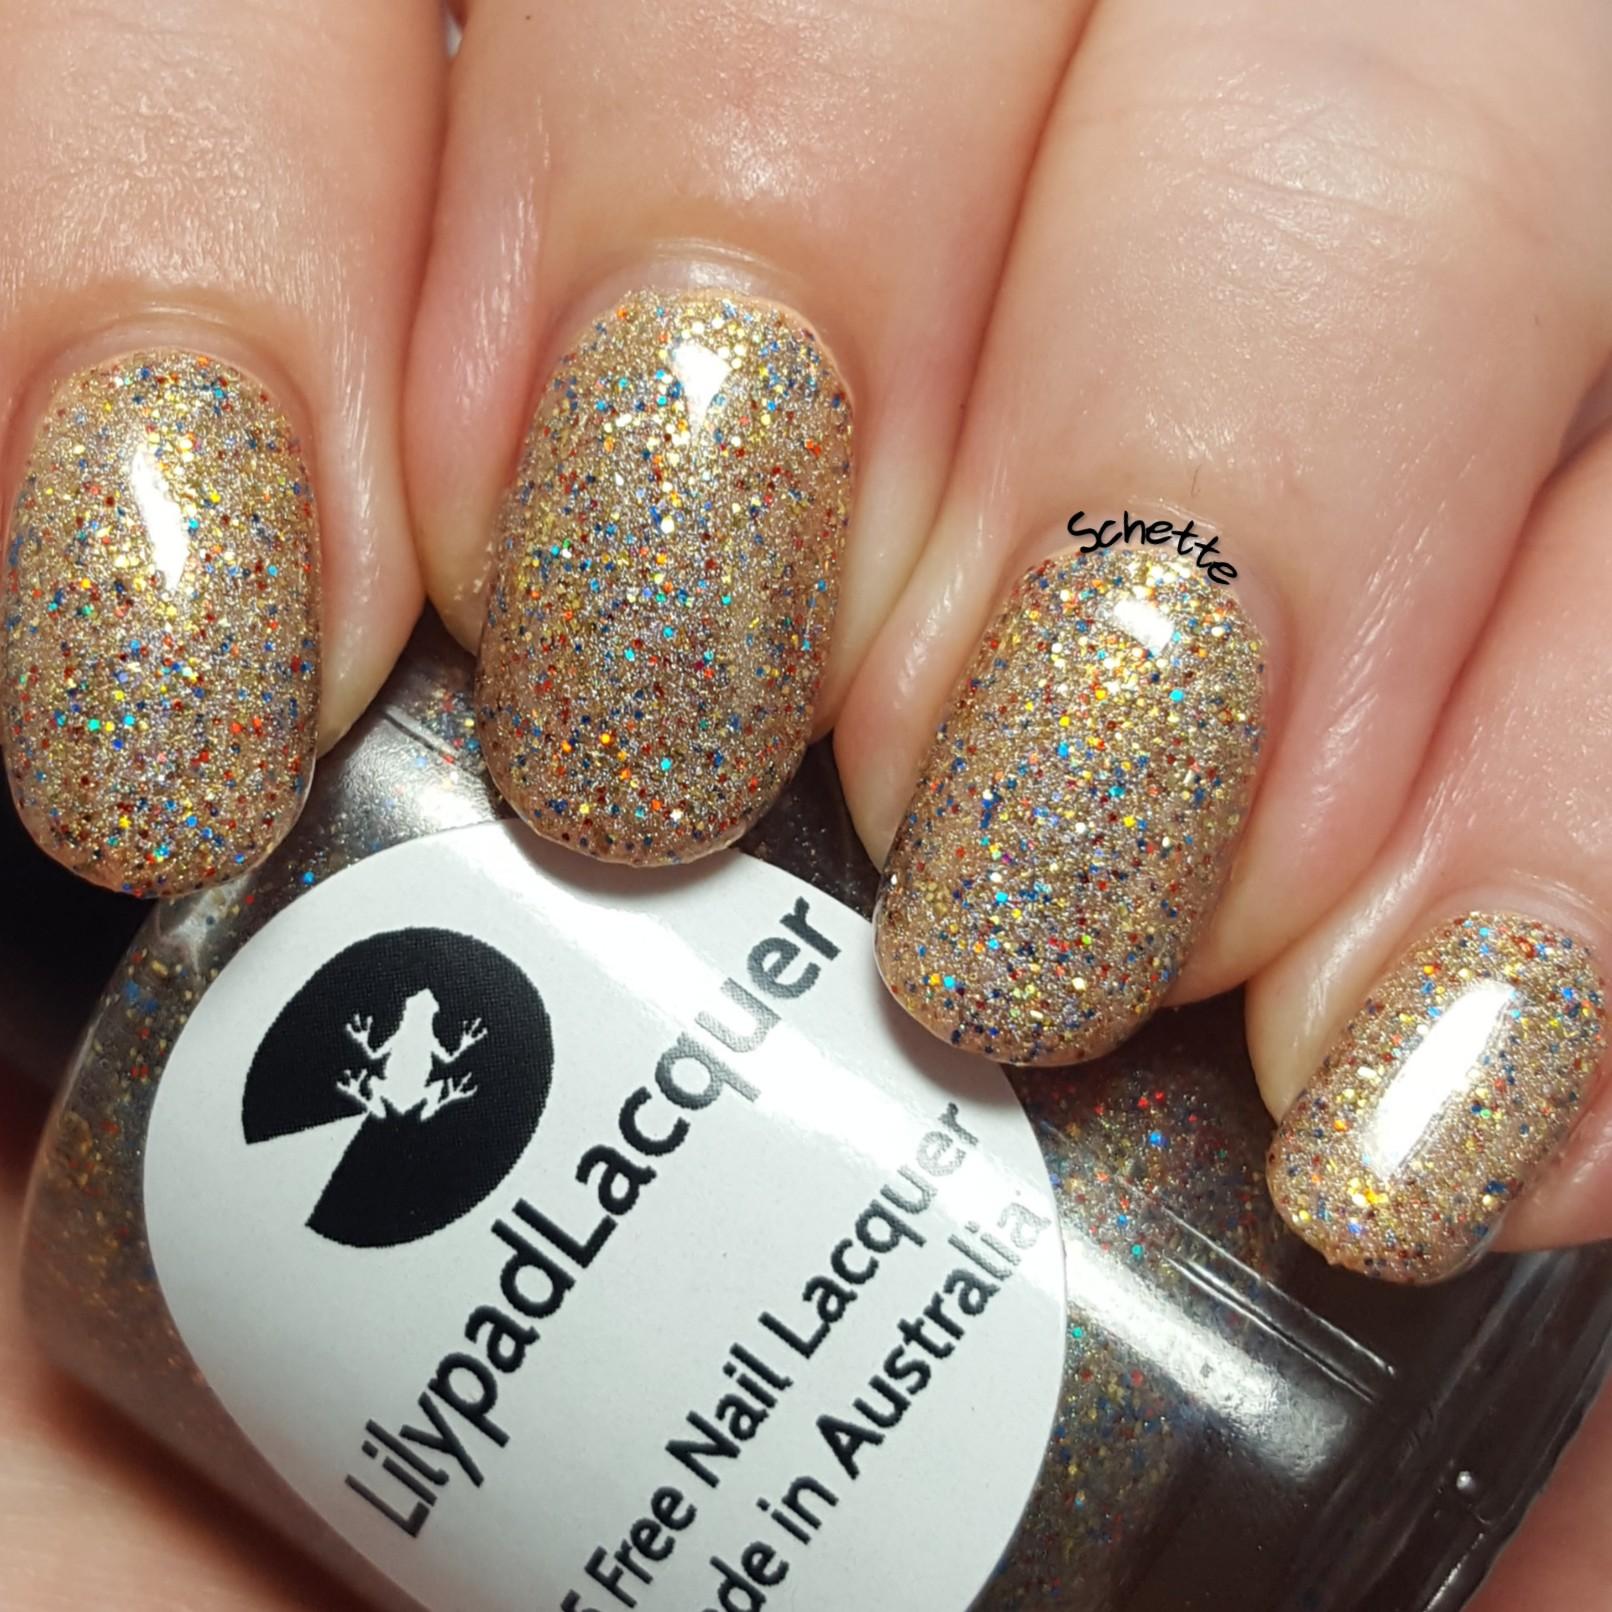 Lilypad Lacquer - Sun, Sand and Sea